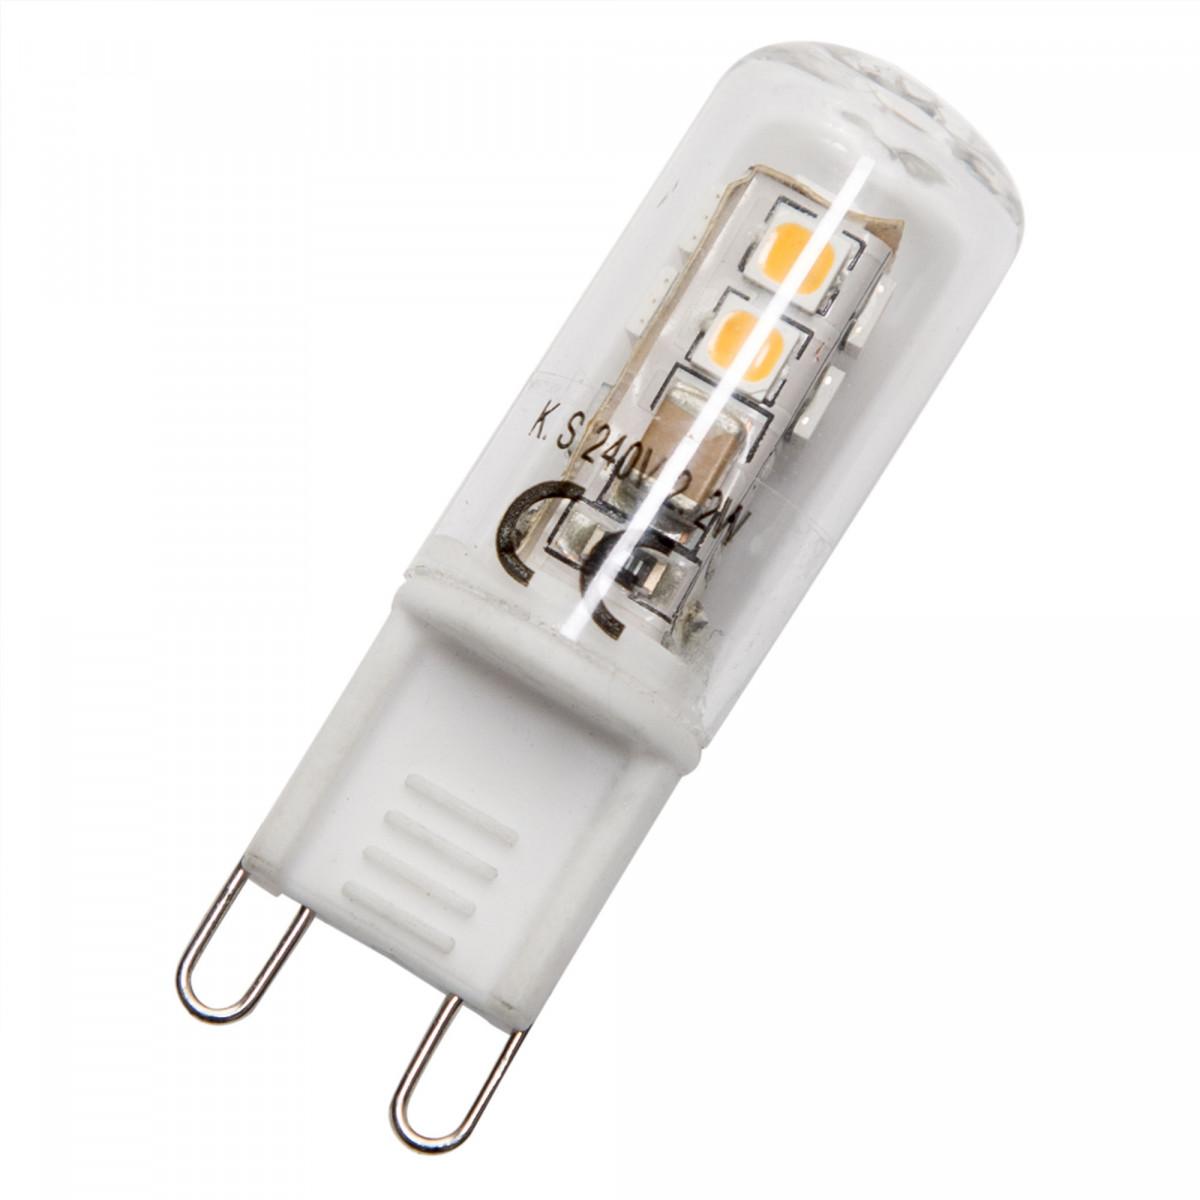 LED Lamp G9 2W